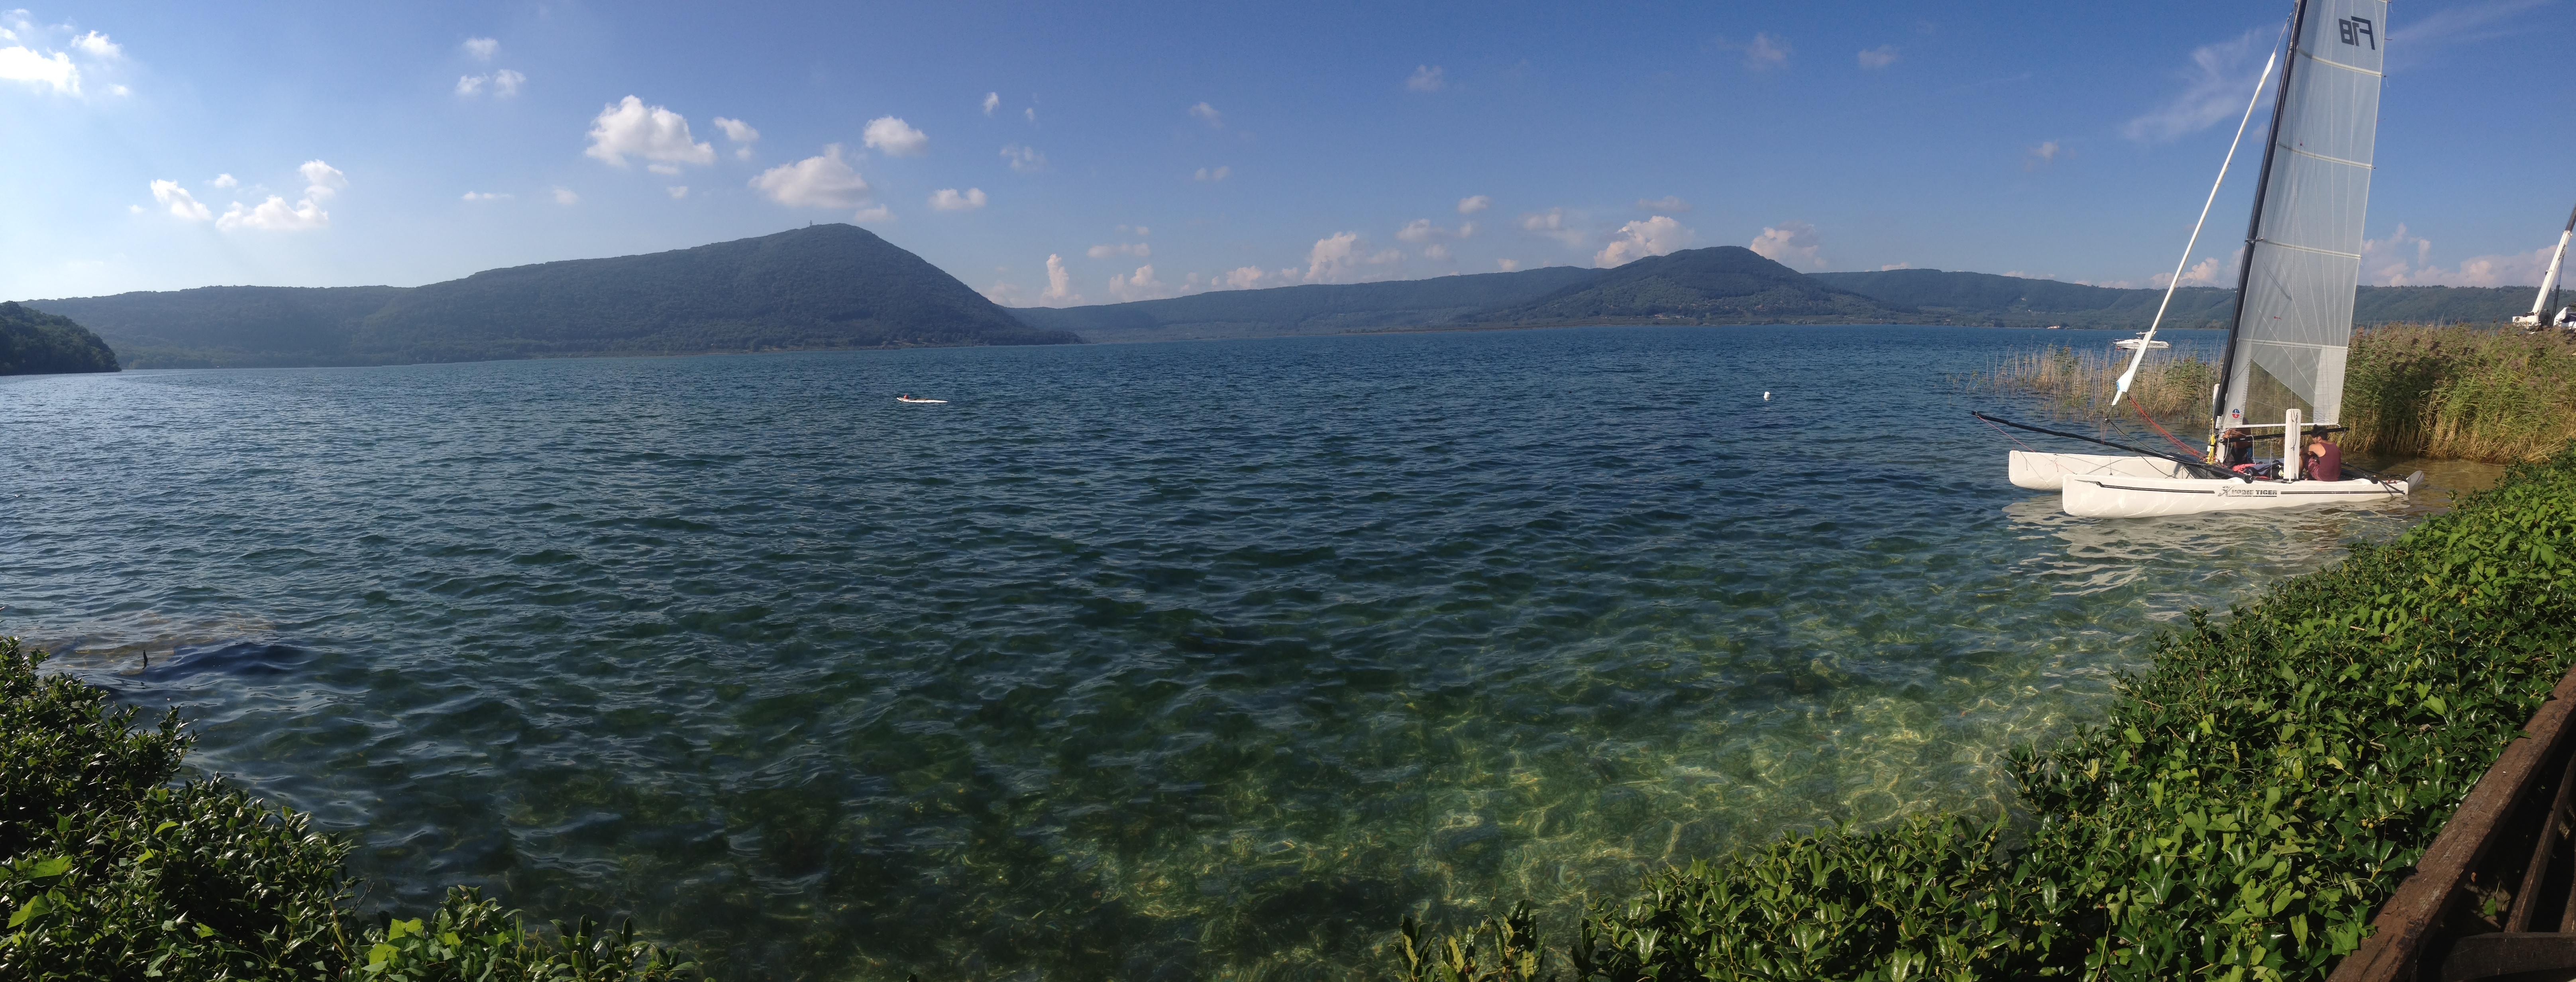 Italy lake in Tuscany